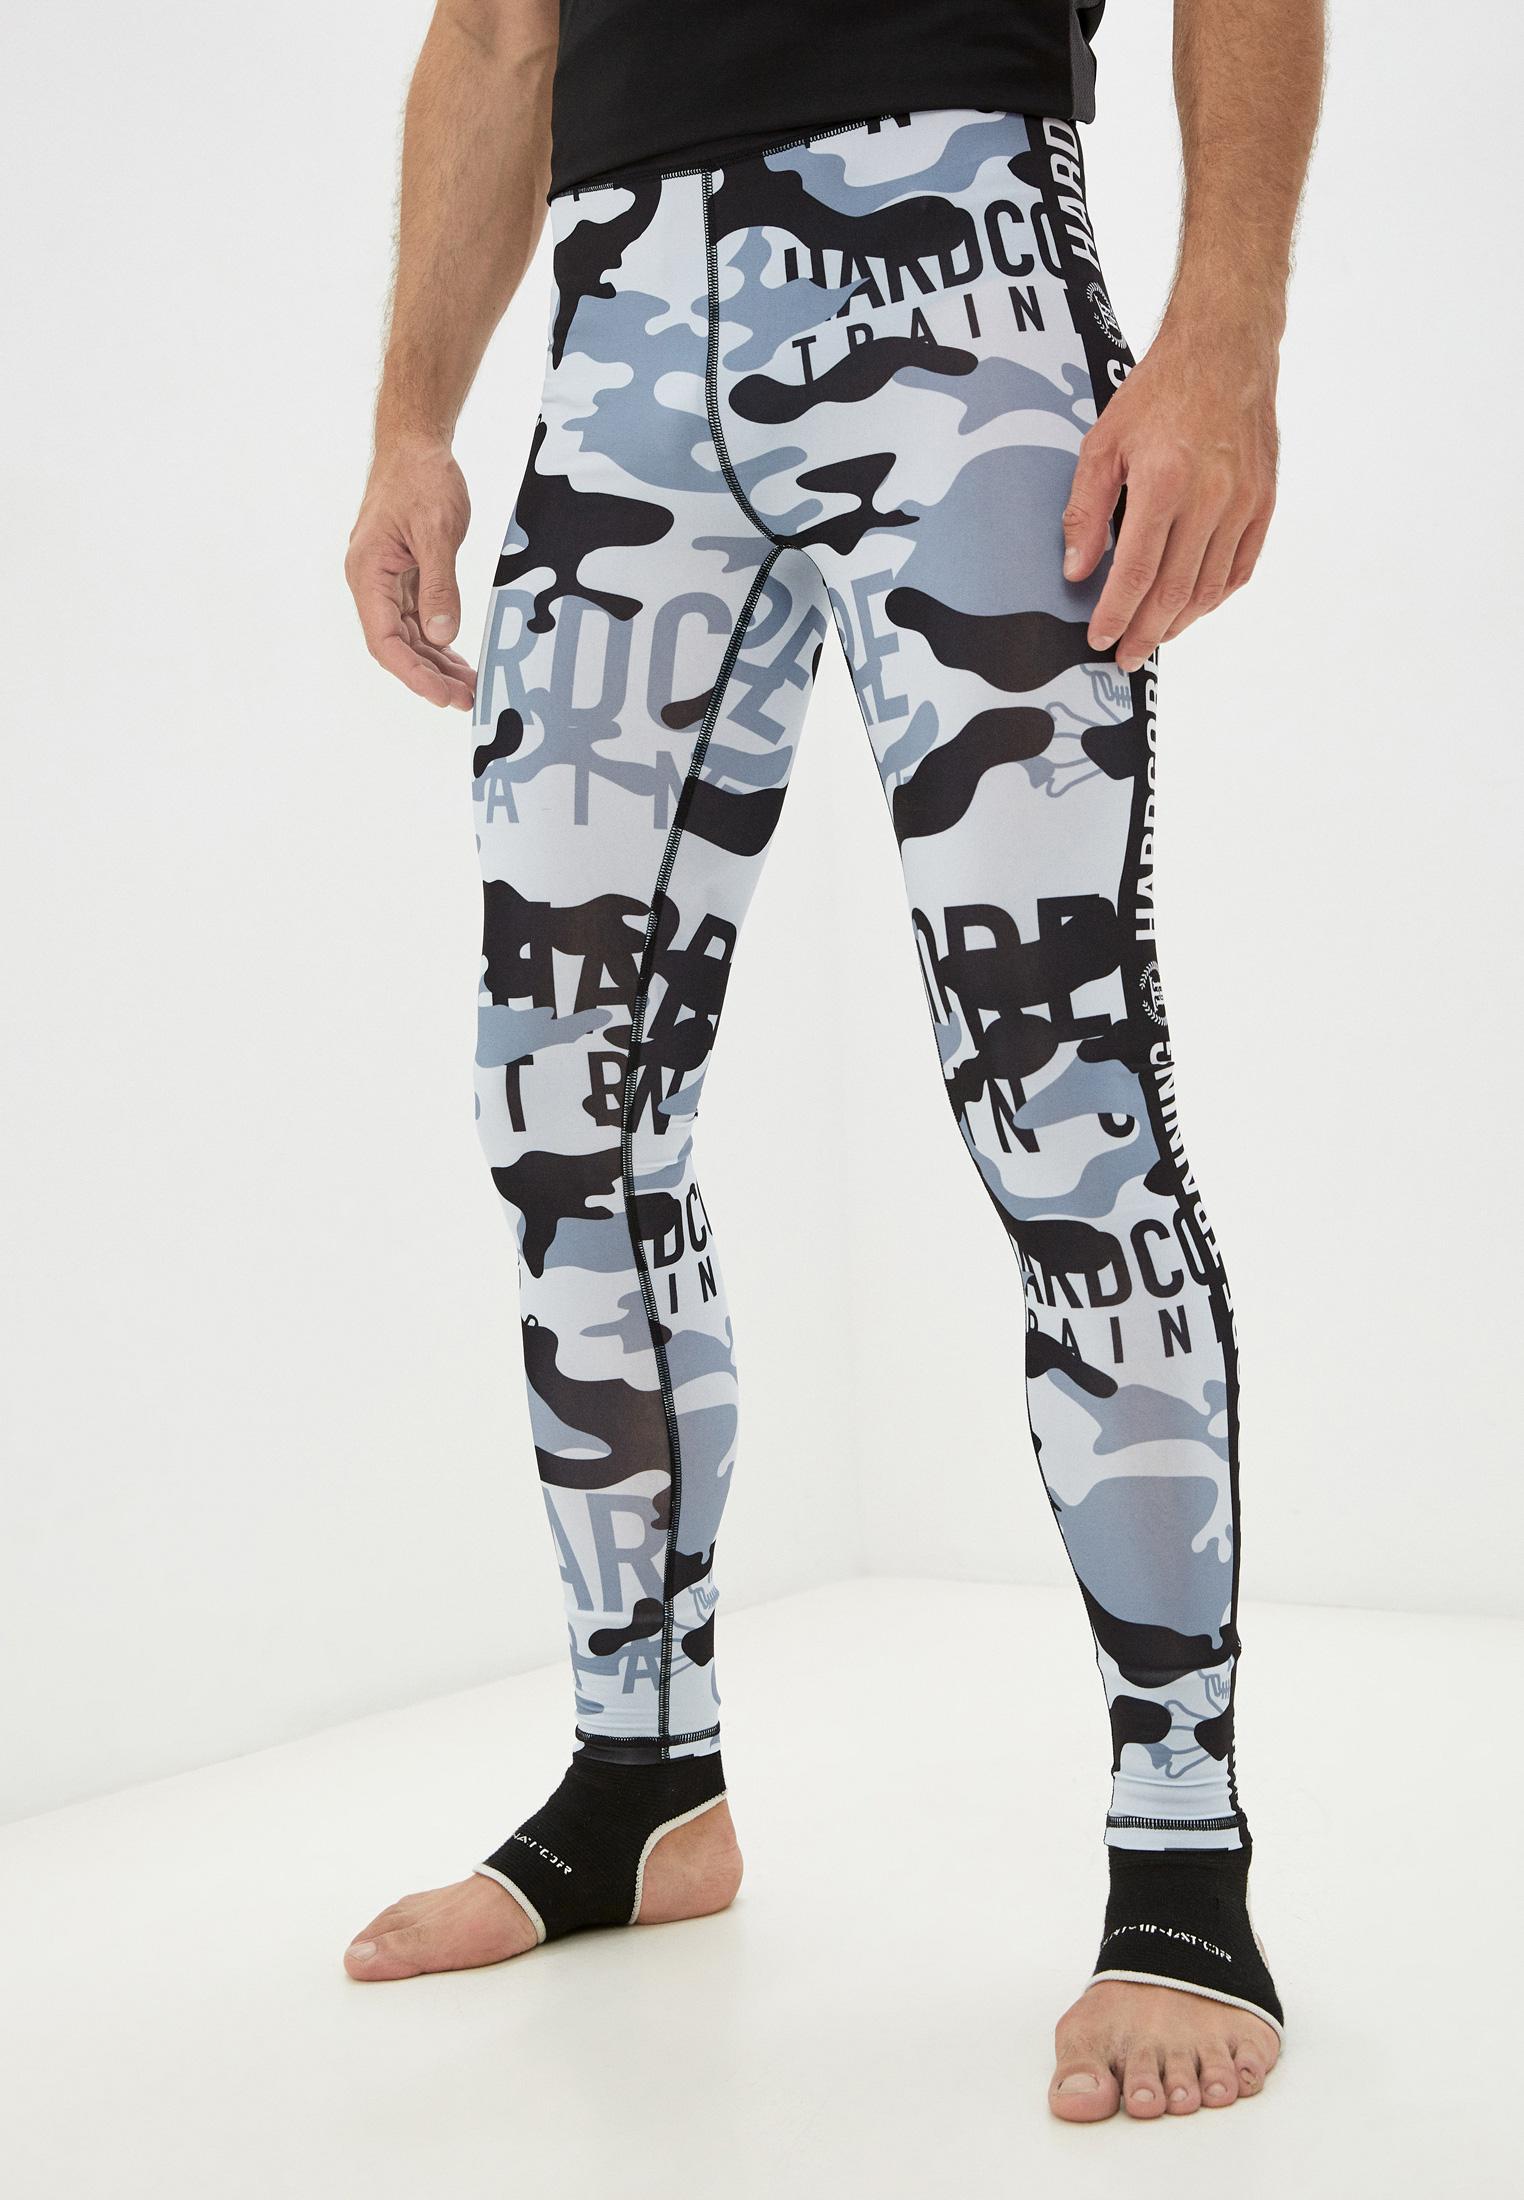 Мужские спортивные брюки Hardcore Training hctpan080